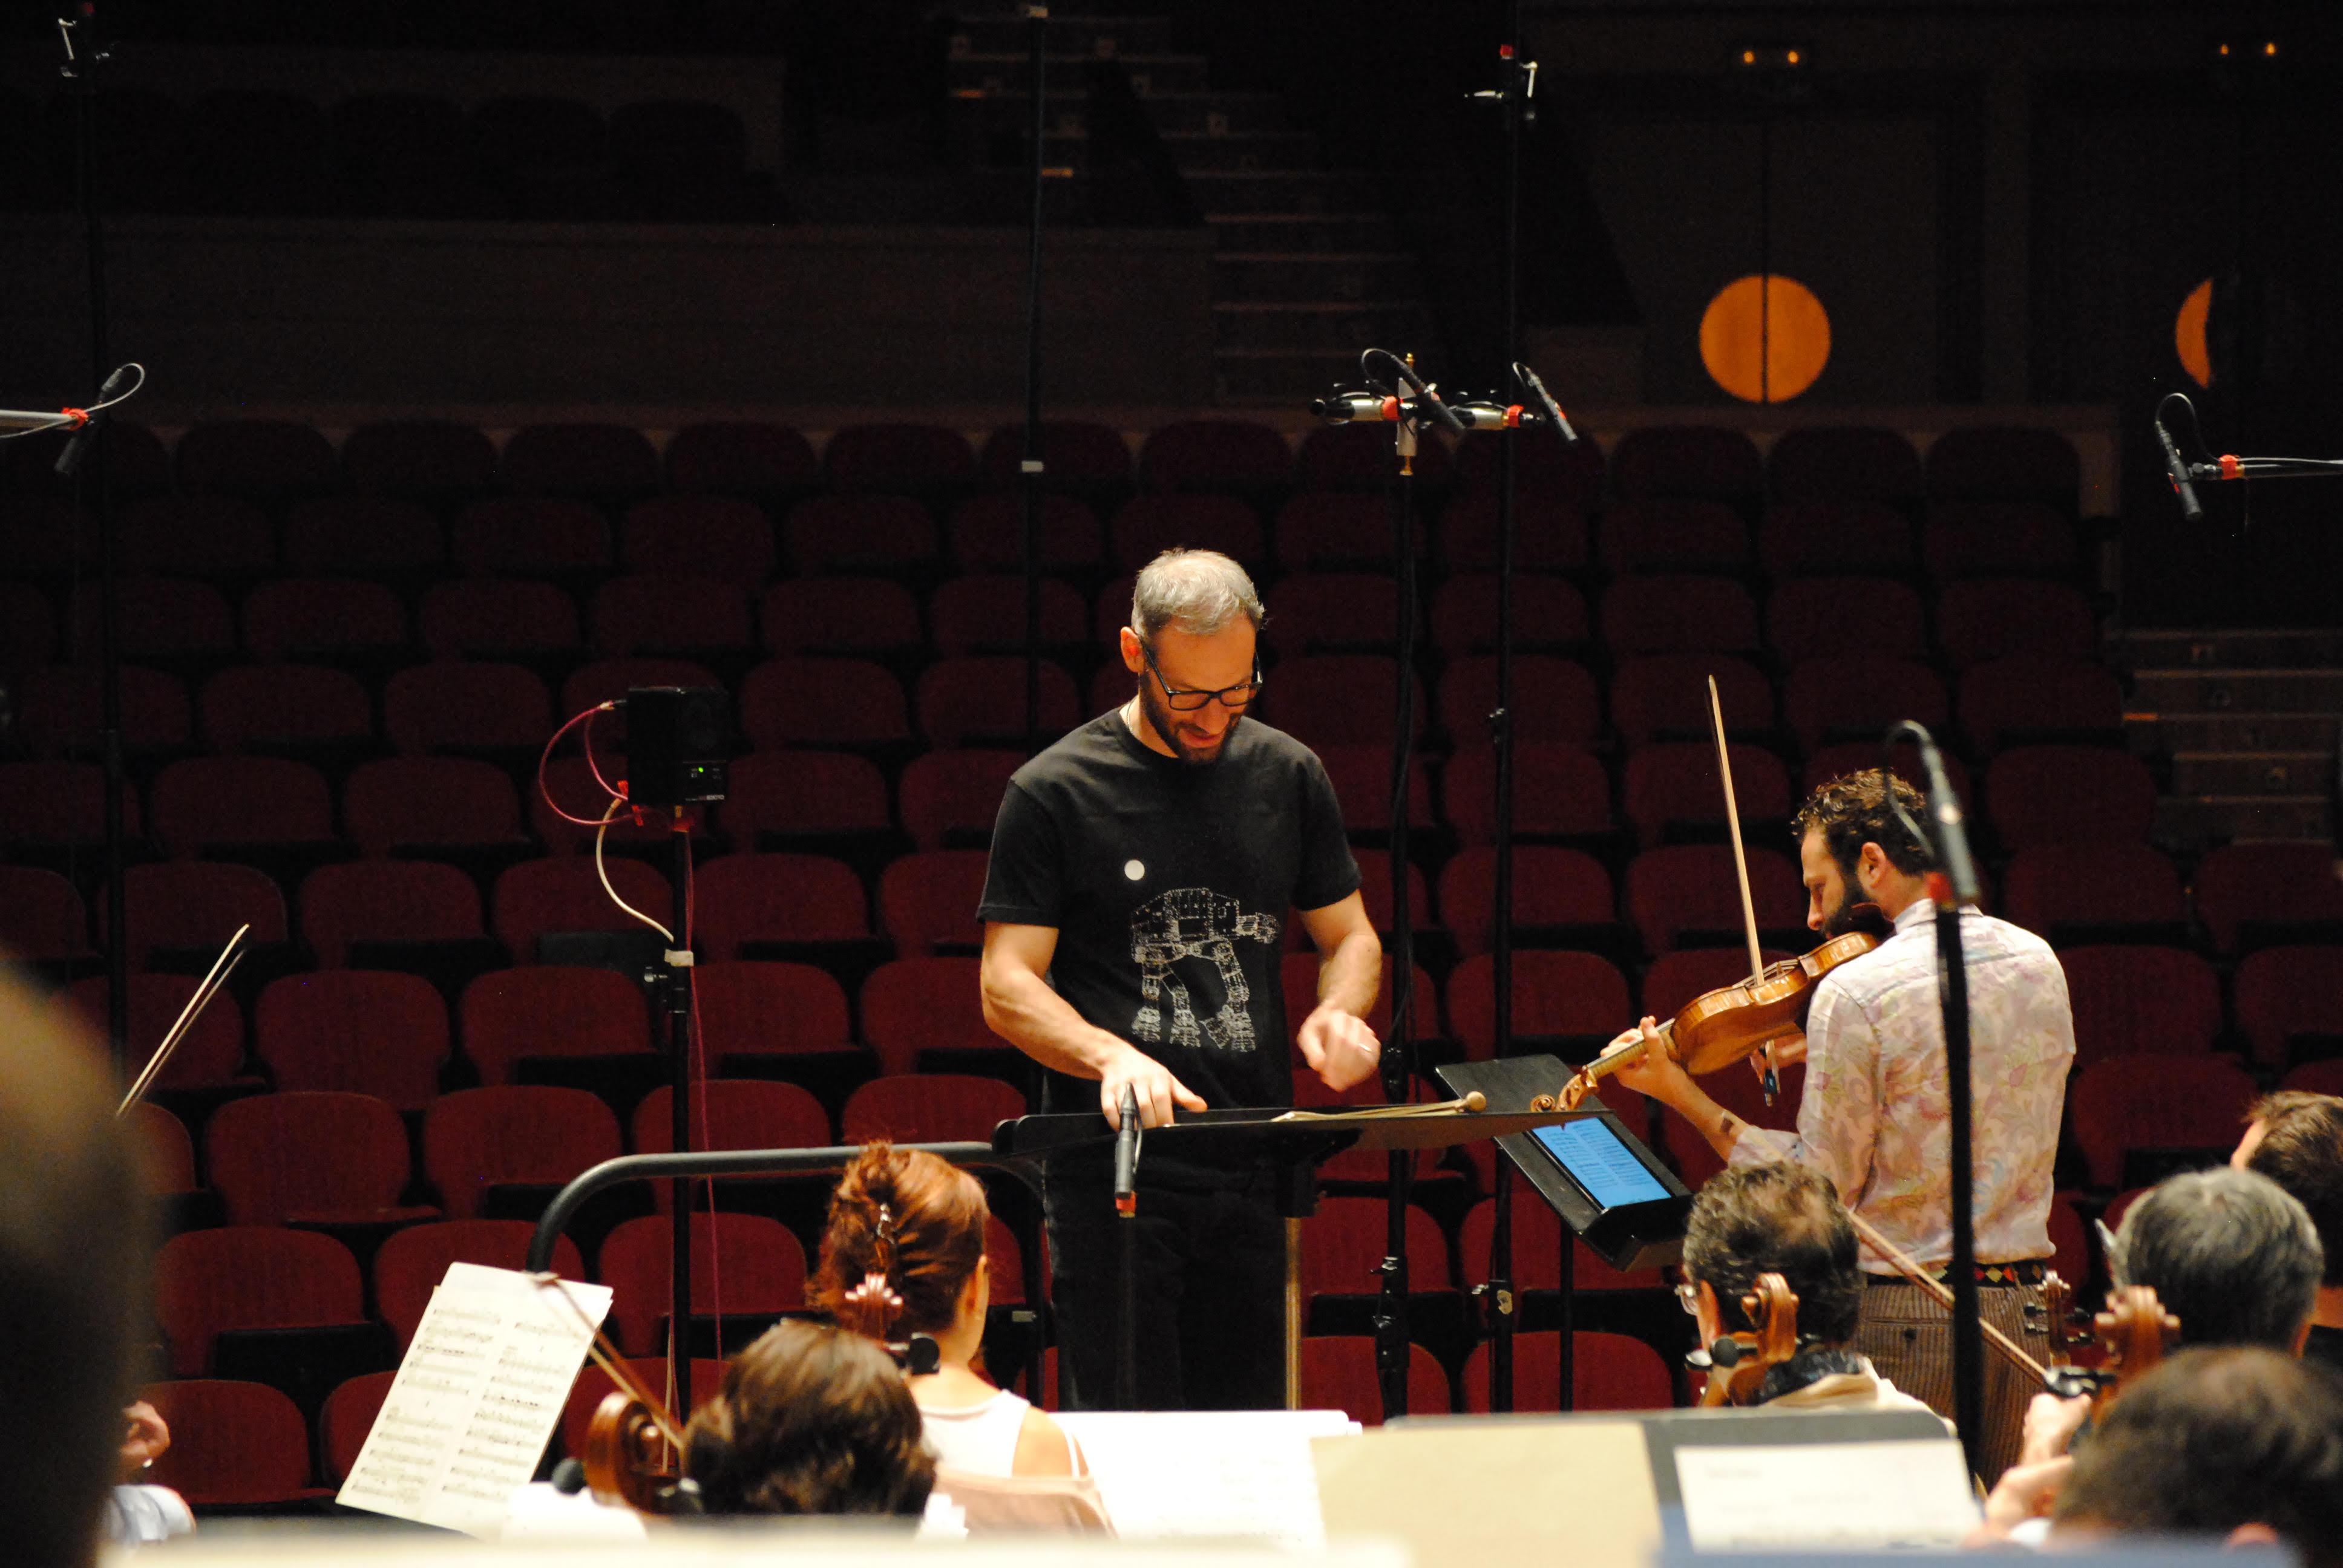 La Orquesta Barroca de Sevilla debuta en el Teatro Real